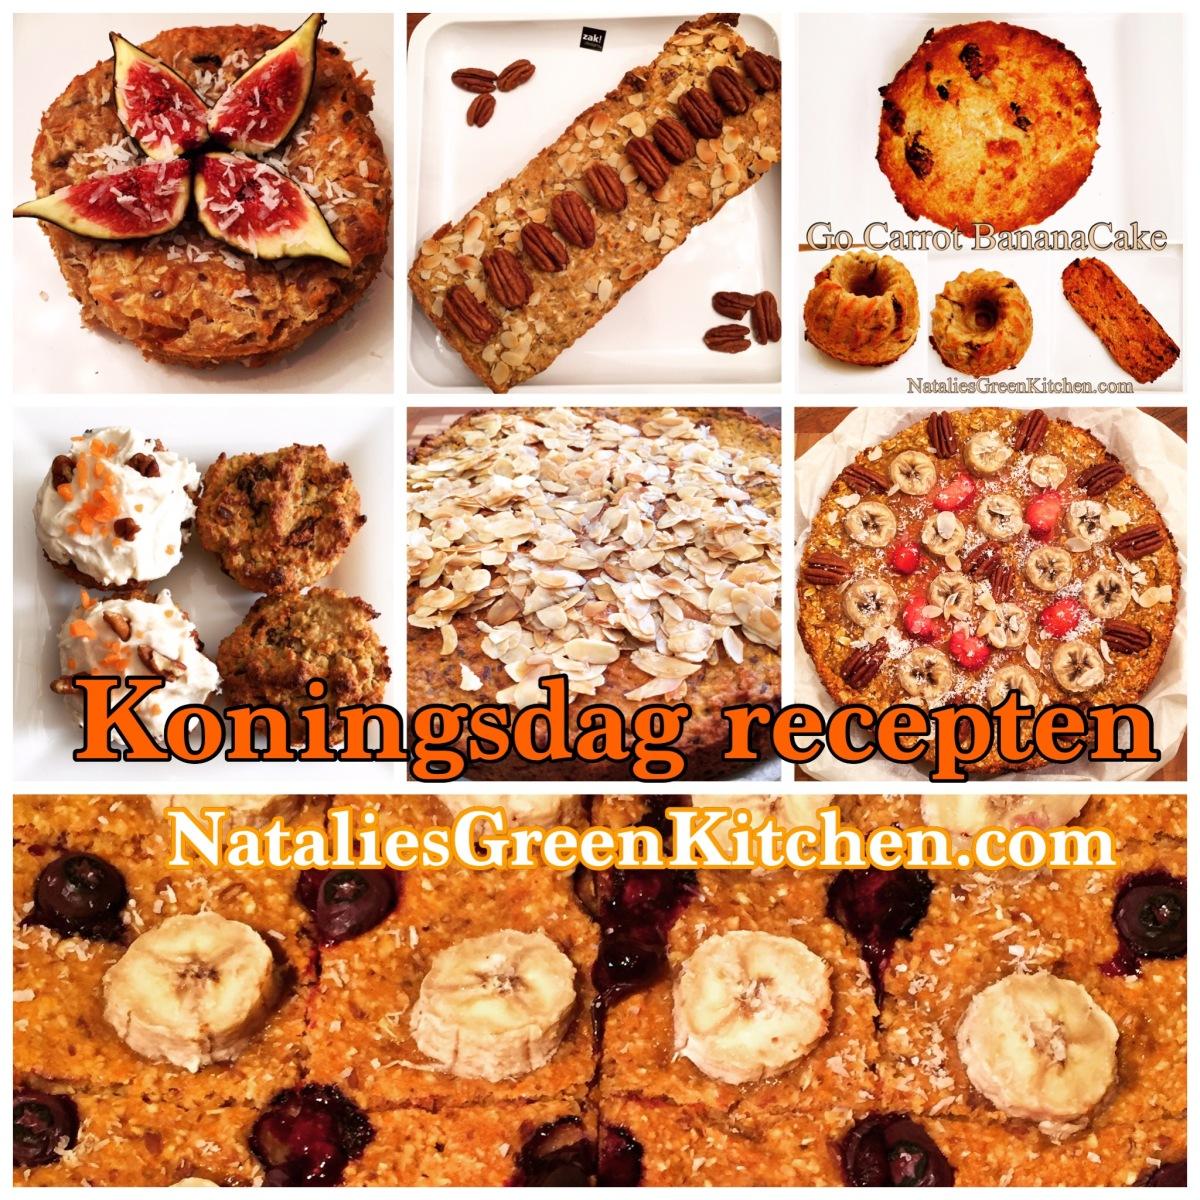 7 Koningsdag recepten Healthy-Vegan-Suikervrij